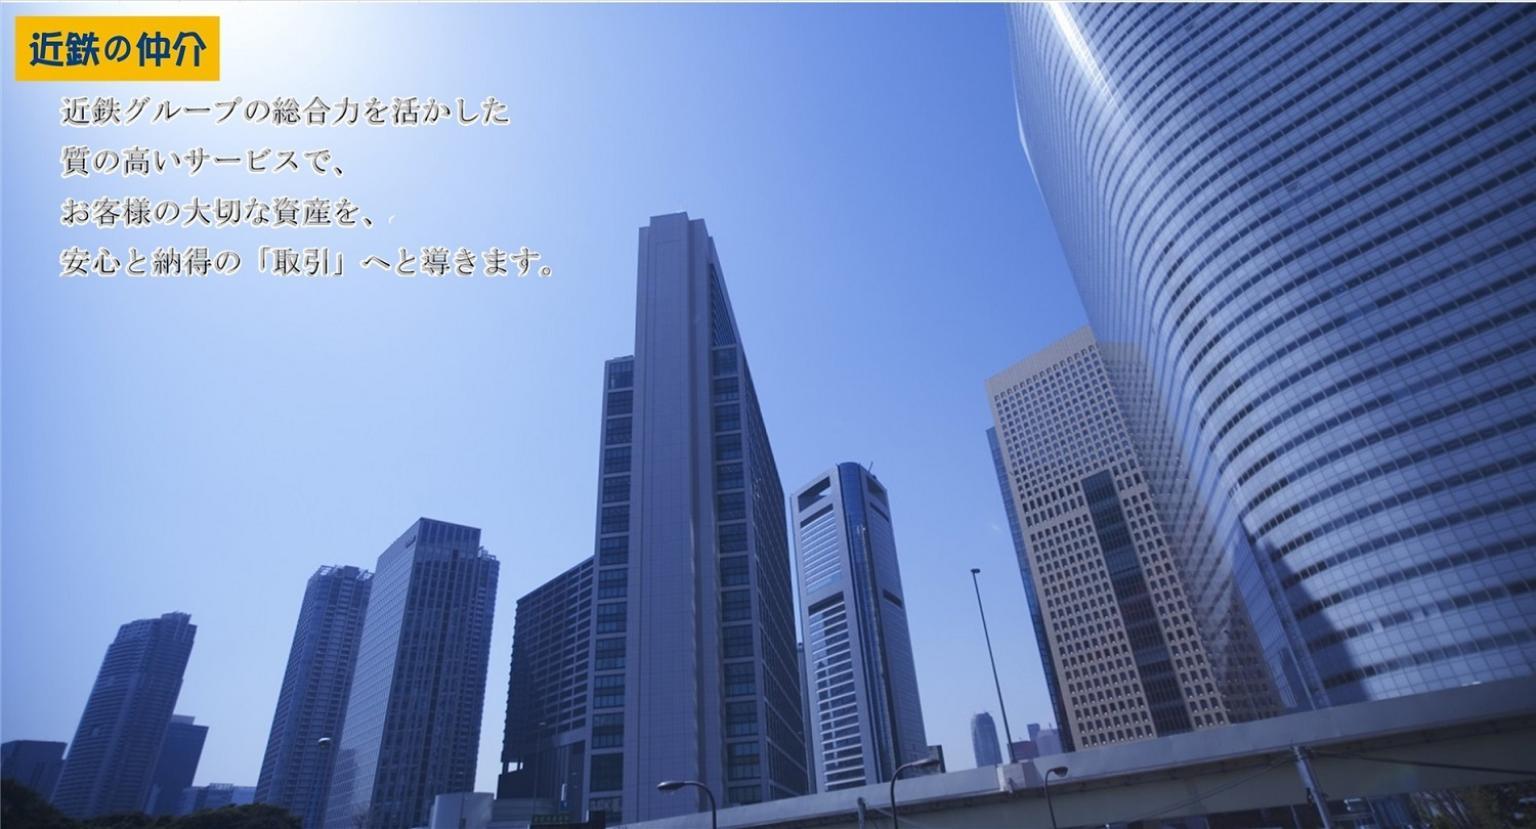 近鉄不動産株式会社 千里営業所